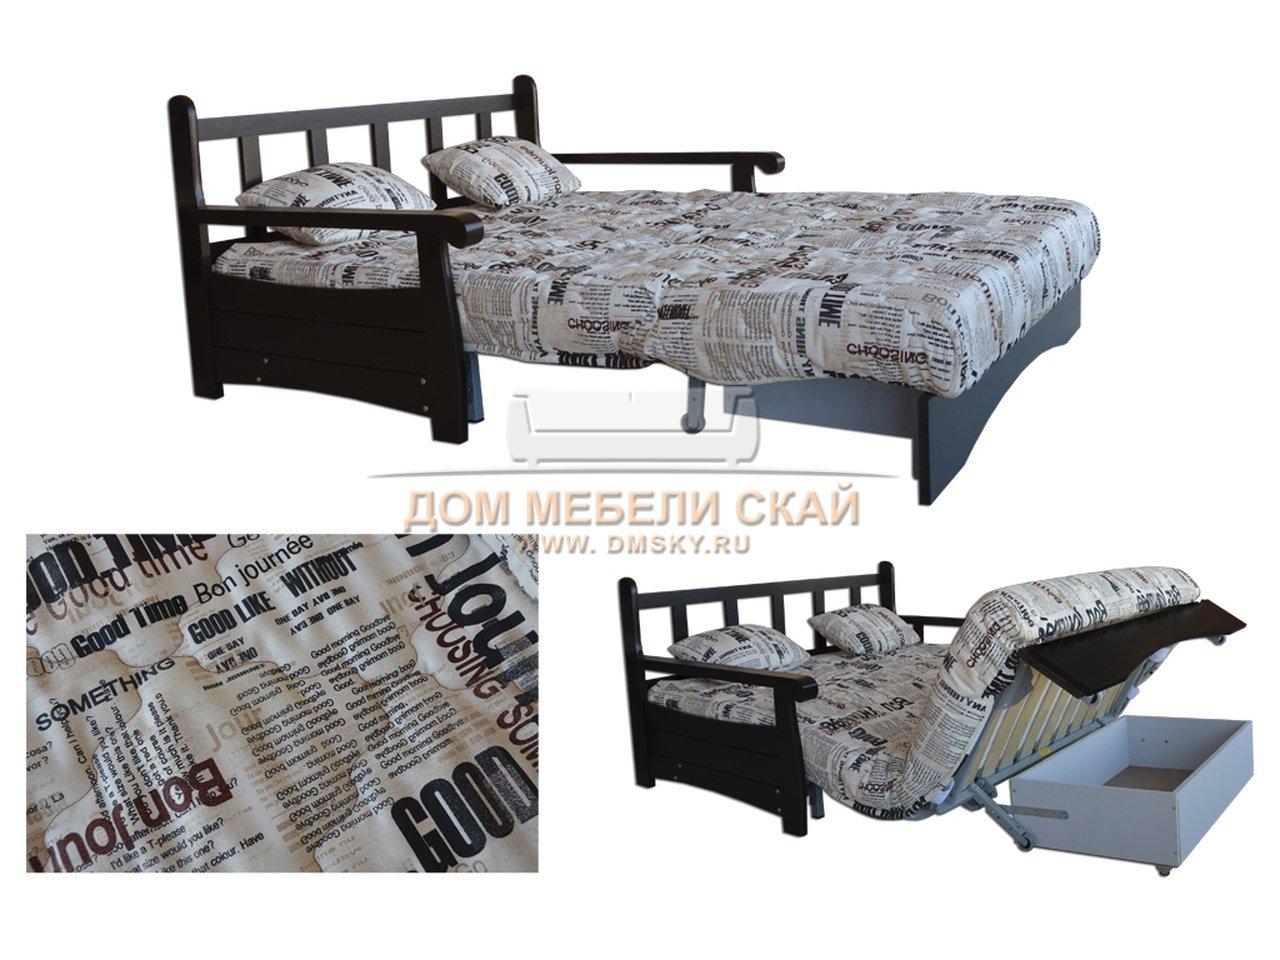 купить диван кровать аккордеон массив 1500 в интернет магазине от